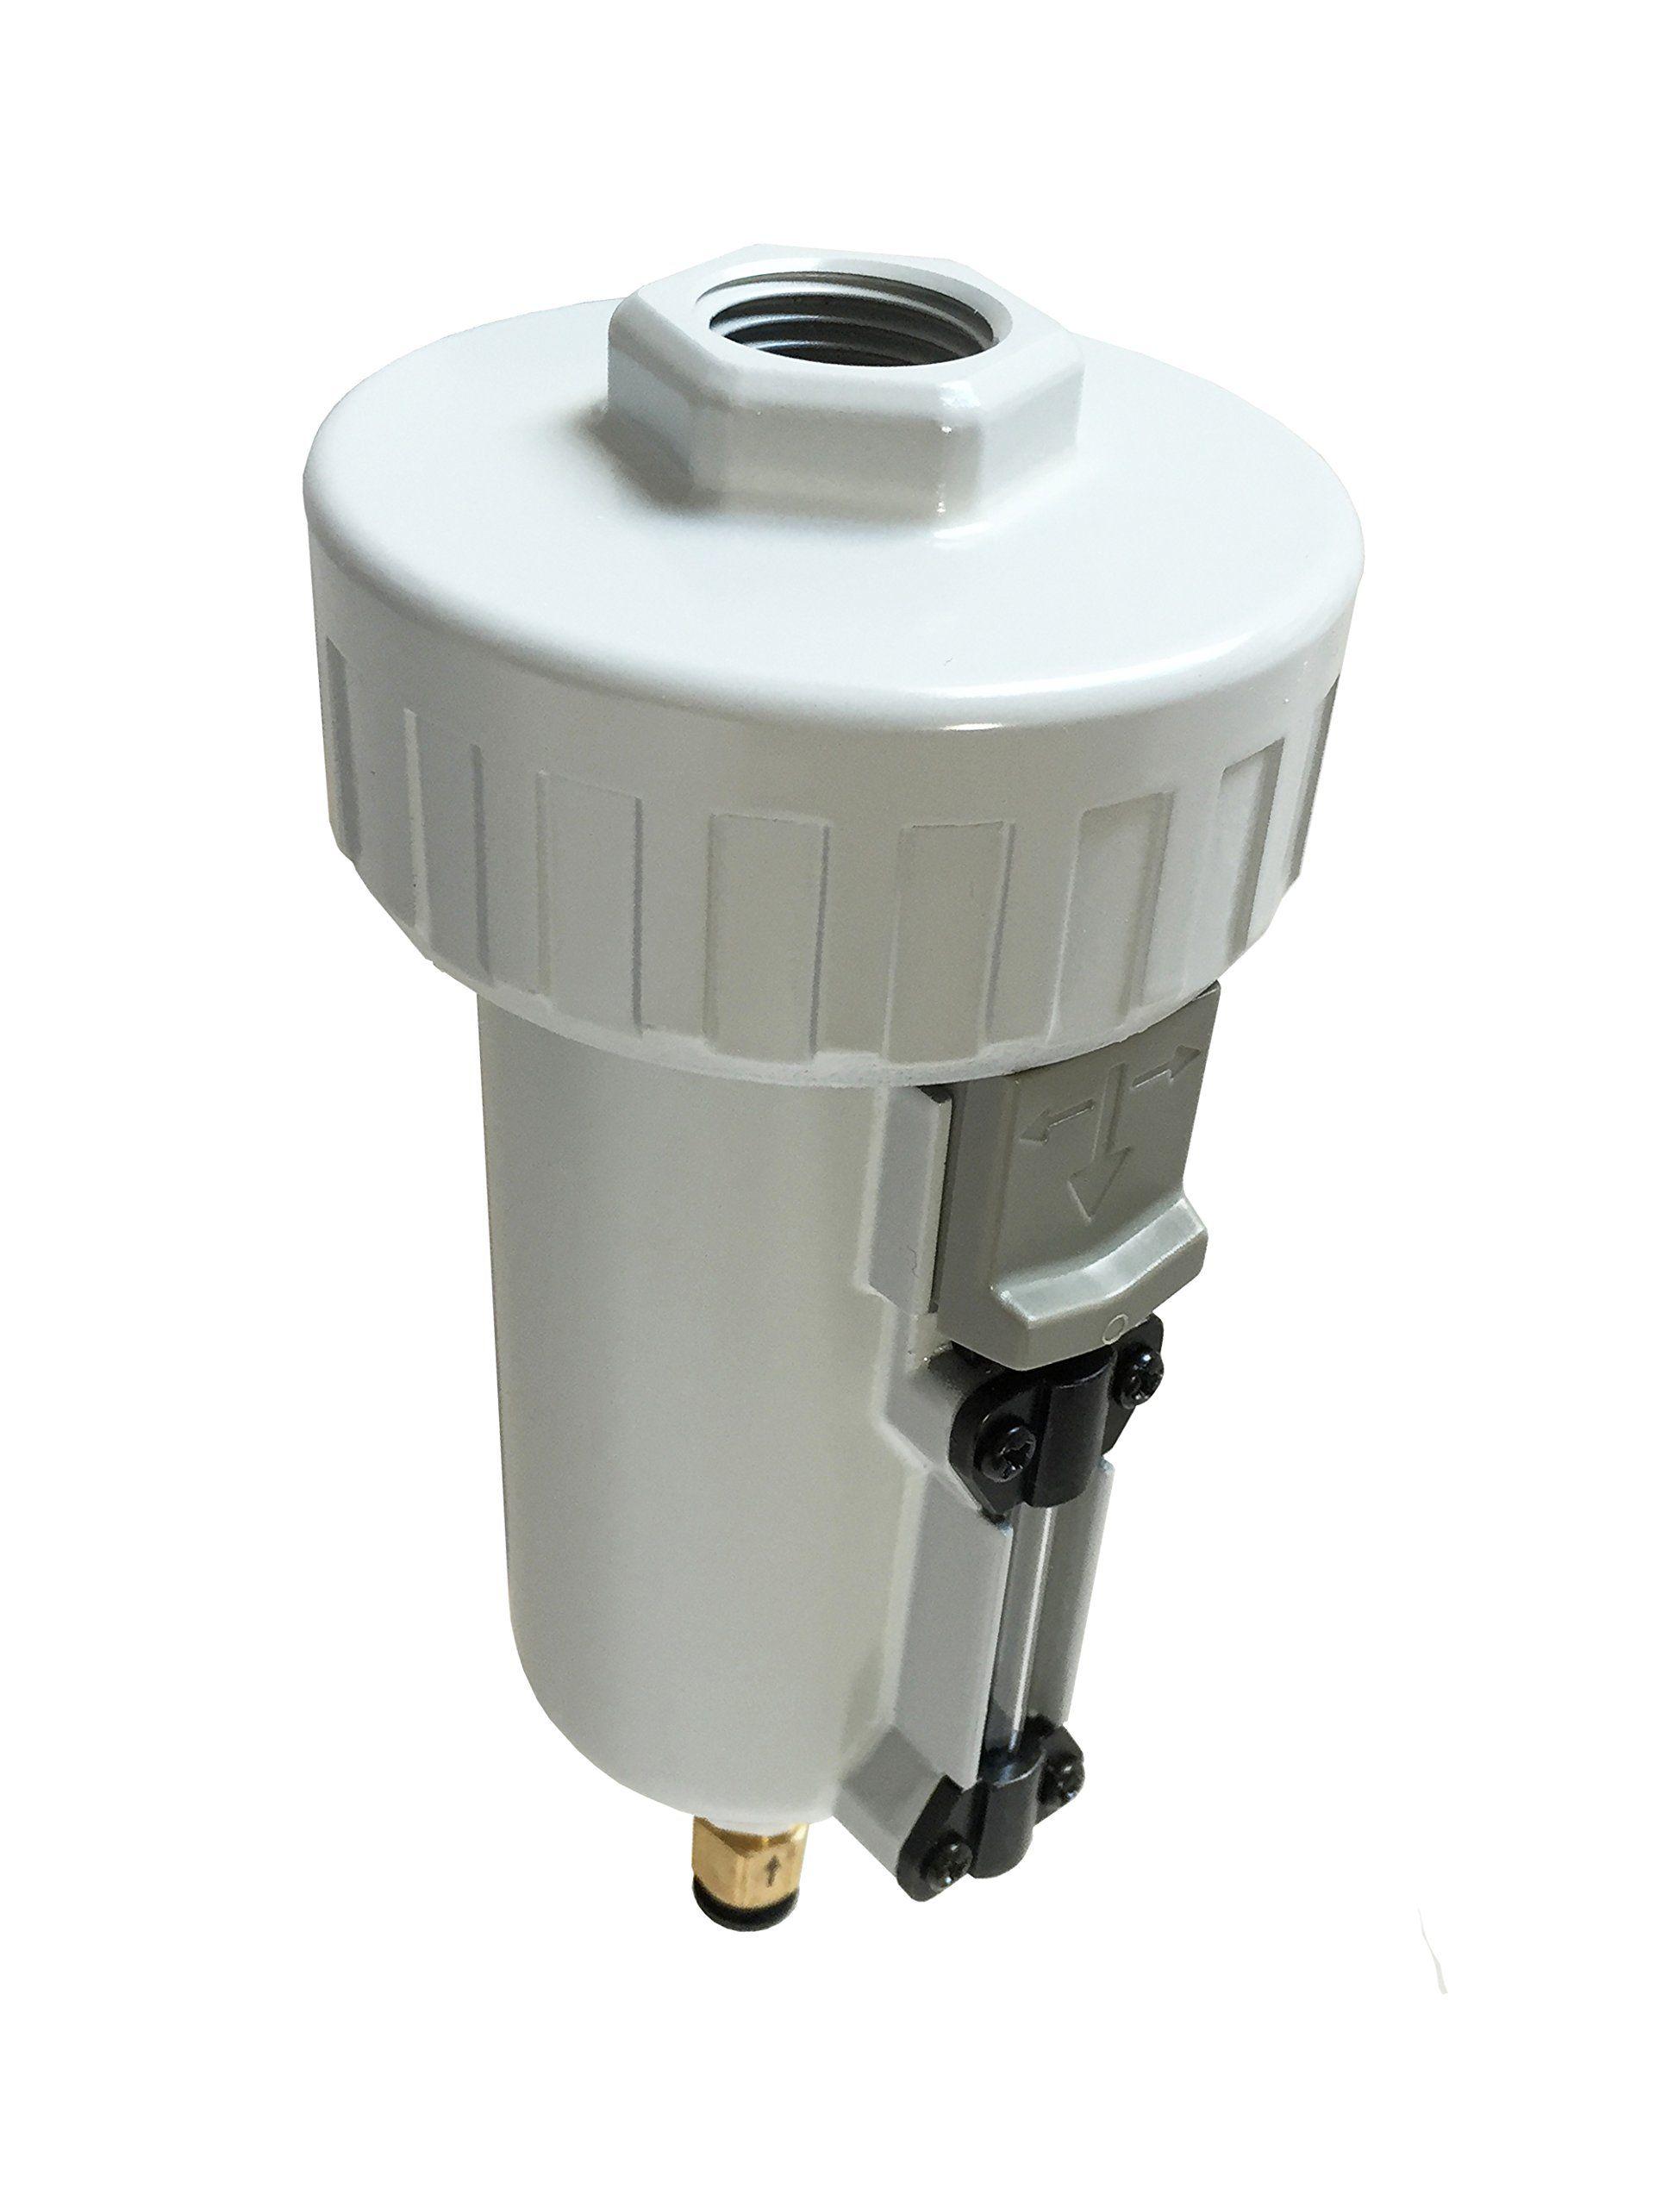 PneumaticPlus SAD402N04DMEP Compressed Air External Water